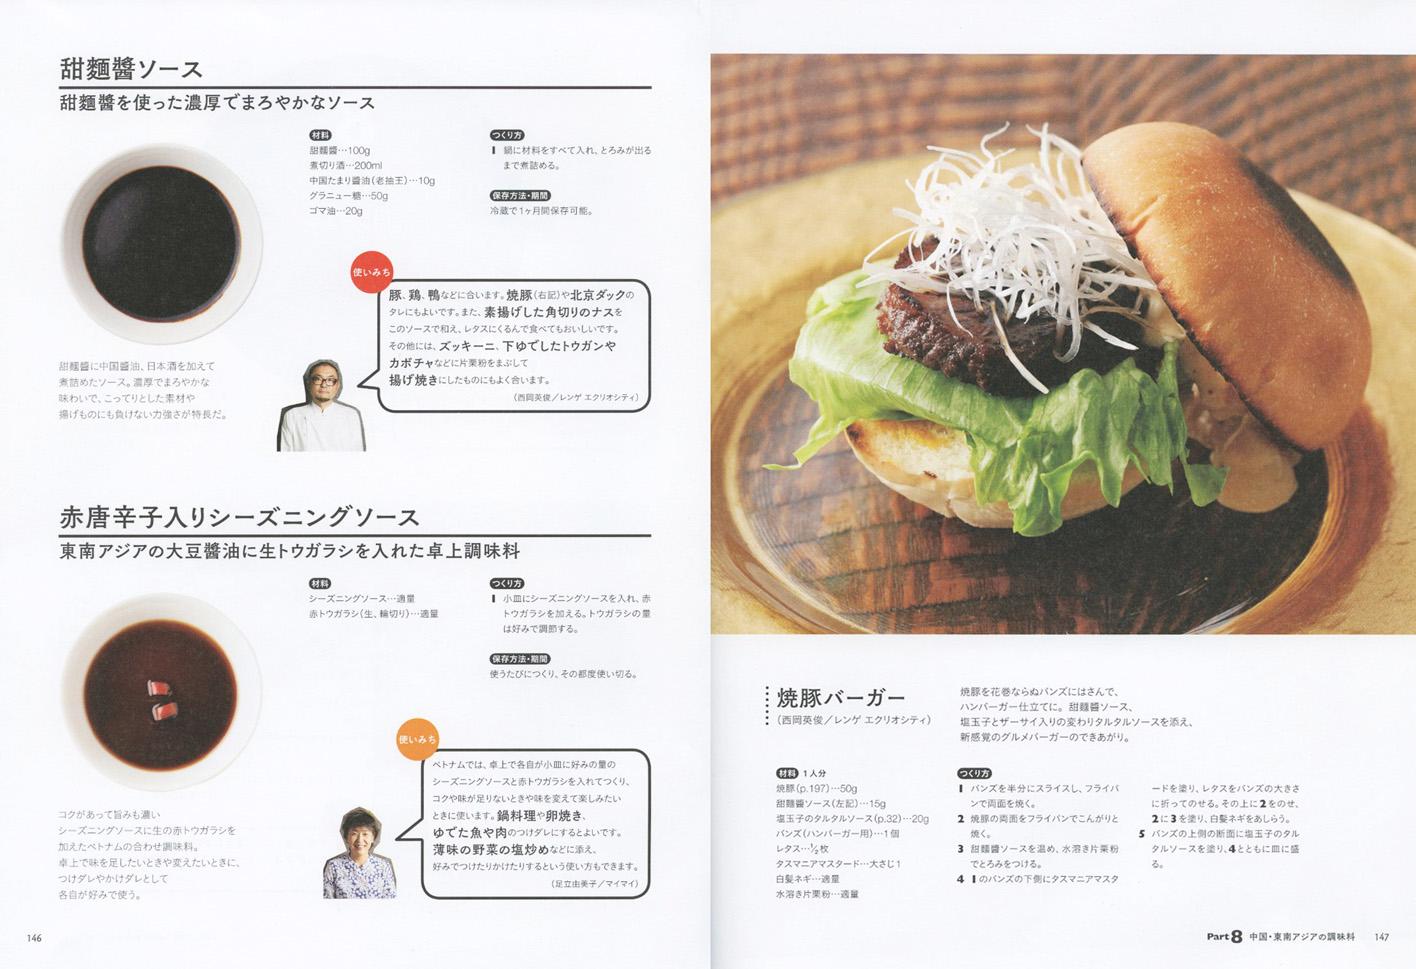 nishioka.jpg